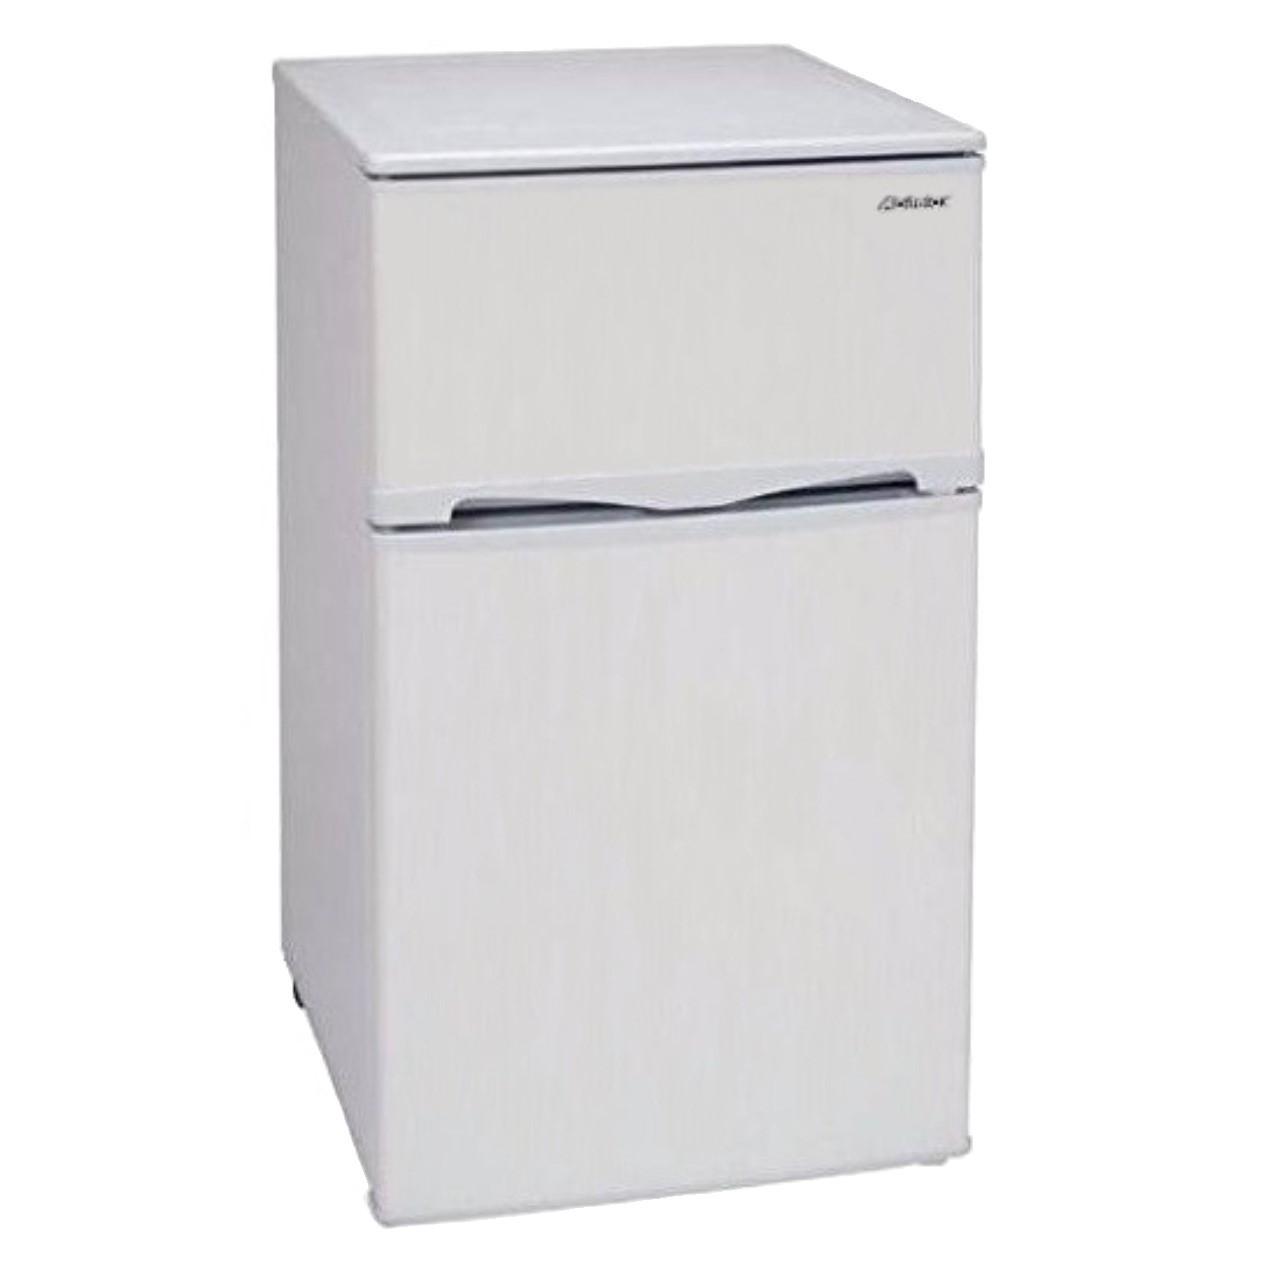 アビテラックスAR100E冷蔵庫